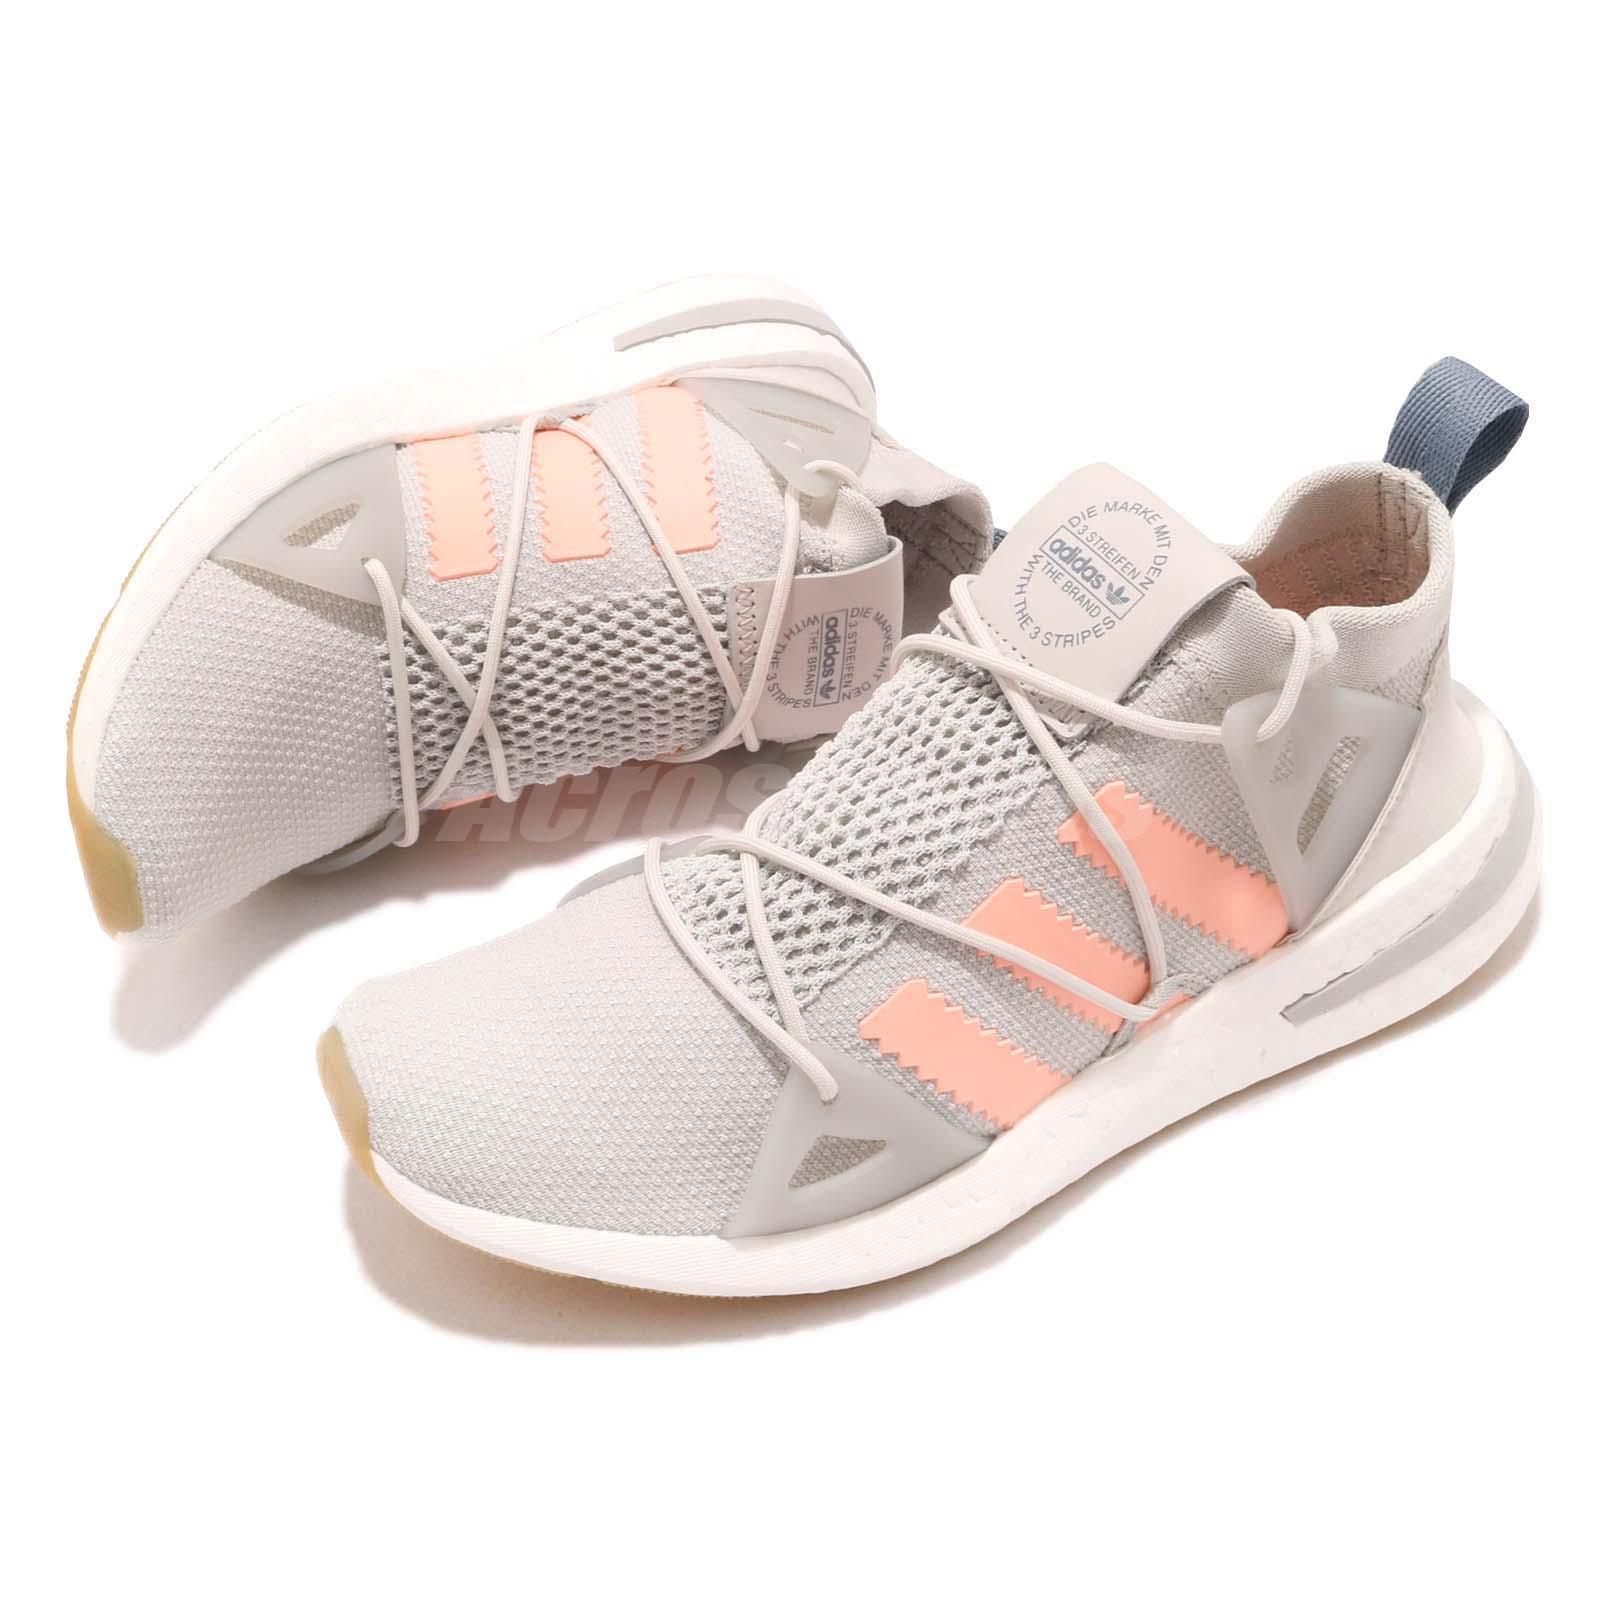 31a04a68a3d adidas Originals ARKYN W Grey Orange BOOST Sock-like Women Running ...